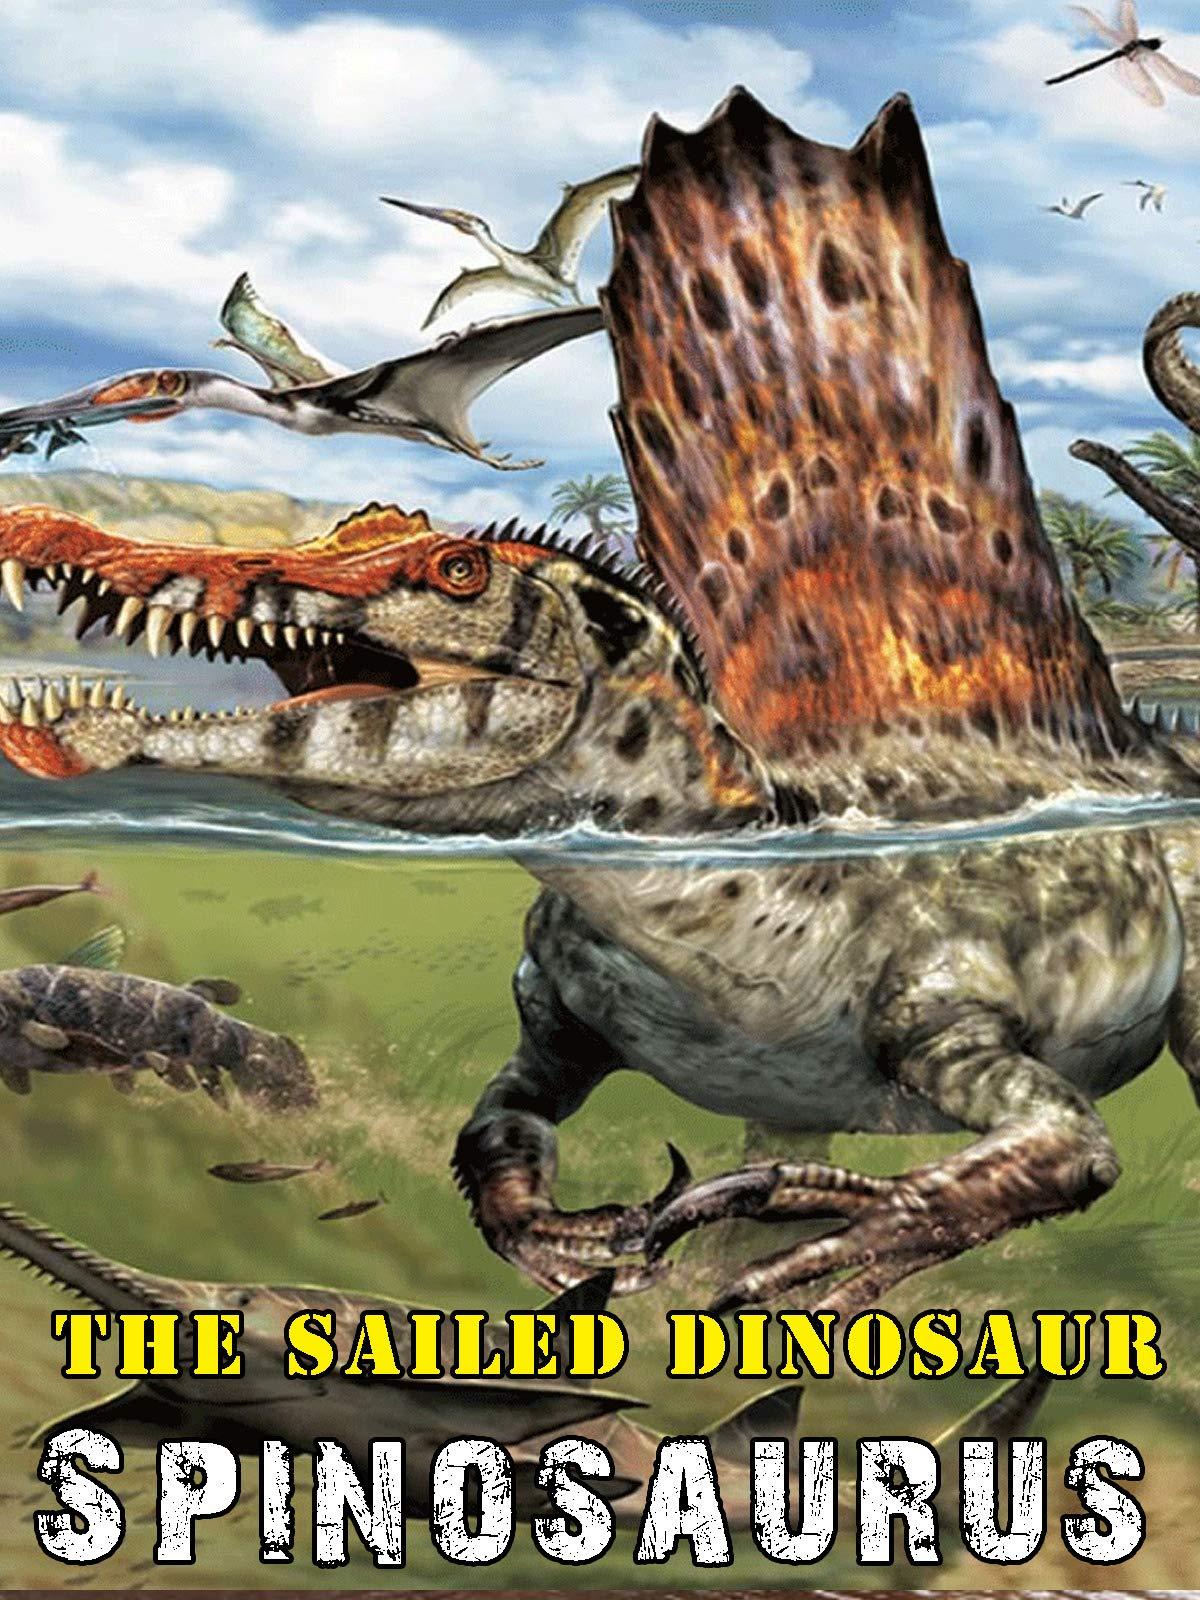 The Sailed Dinosaur: Spinosaurus on Amazon Prime Video UK